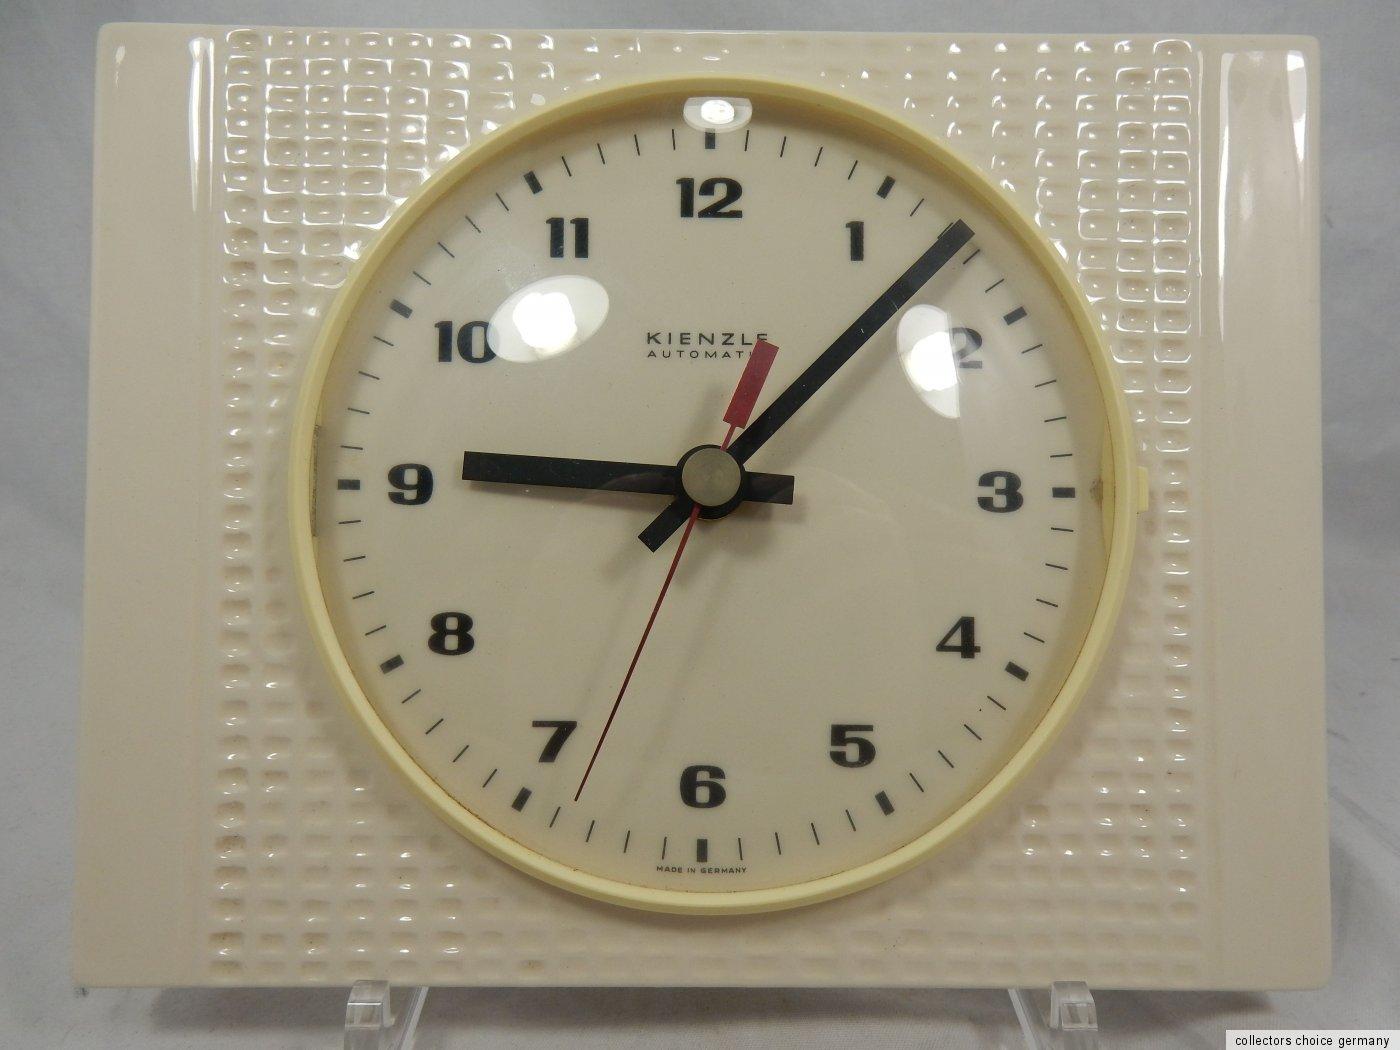 schlichte 60 s design kienzle keramik wall clock wand uhr working 23 x 18 cm ebay. Black Bedroom Furniture Sets. Home Design Ideas